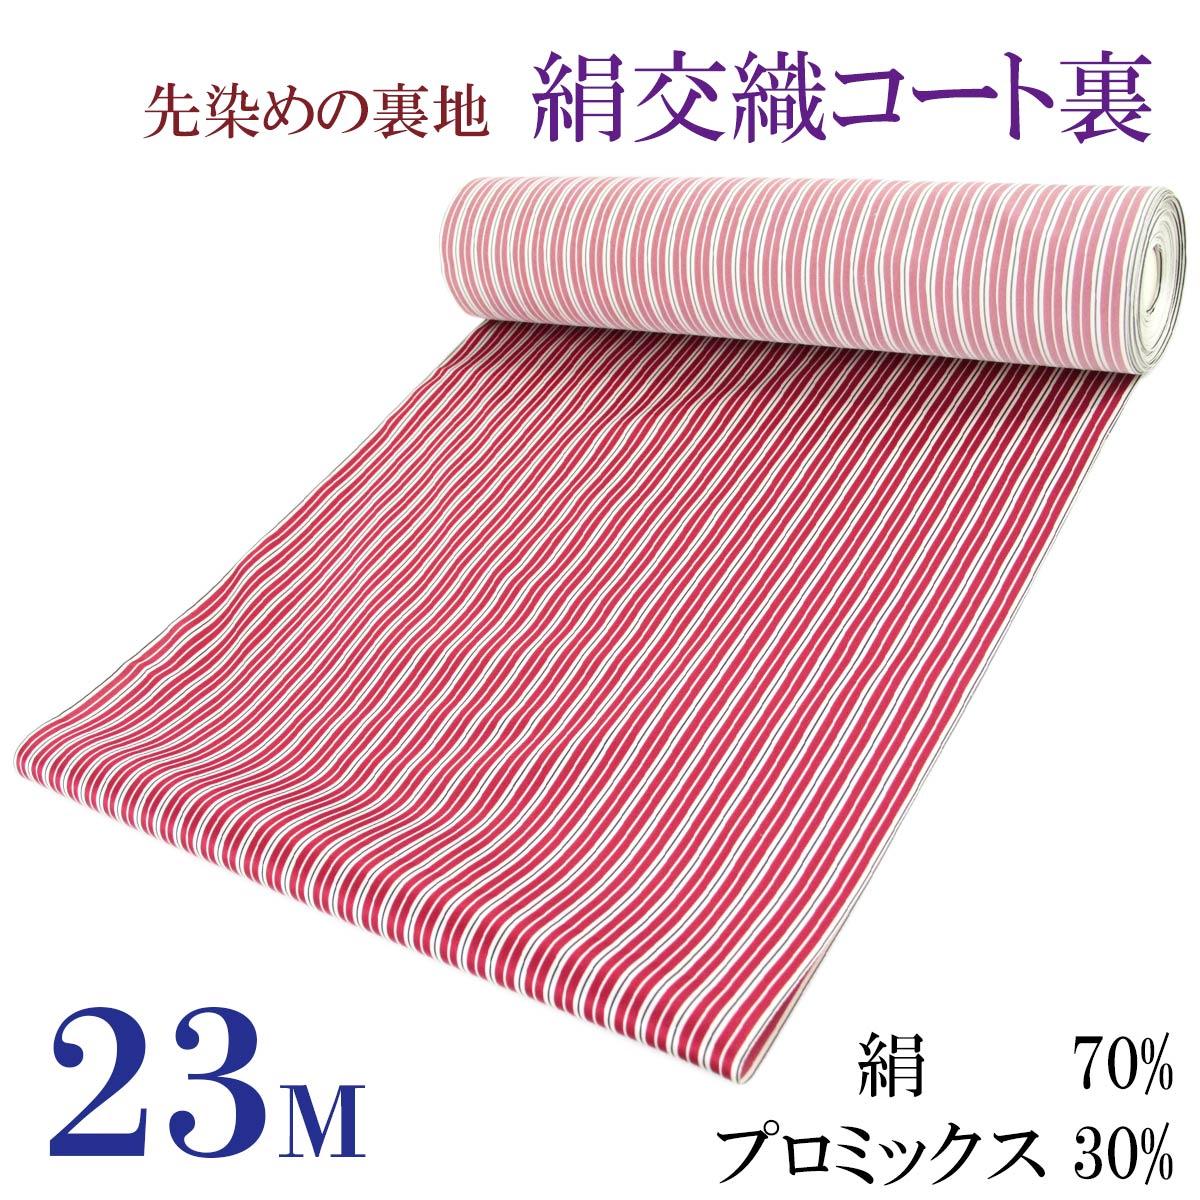 コート裏 -21H- 絹交織 縞 米沢 先染め 37cm×23m 赤